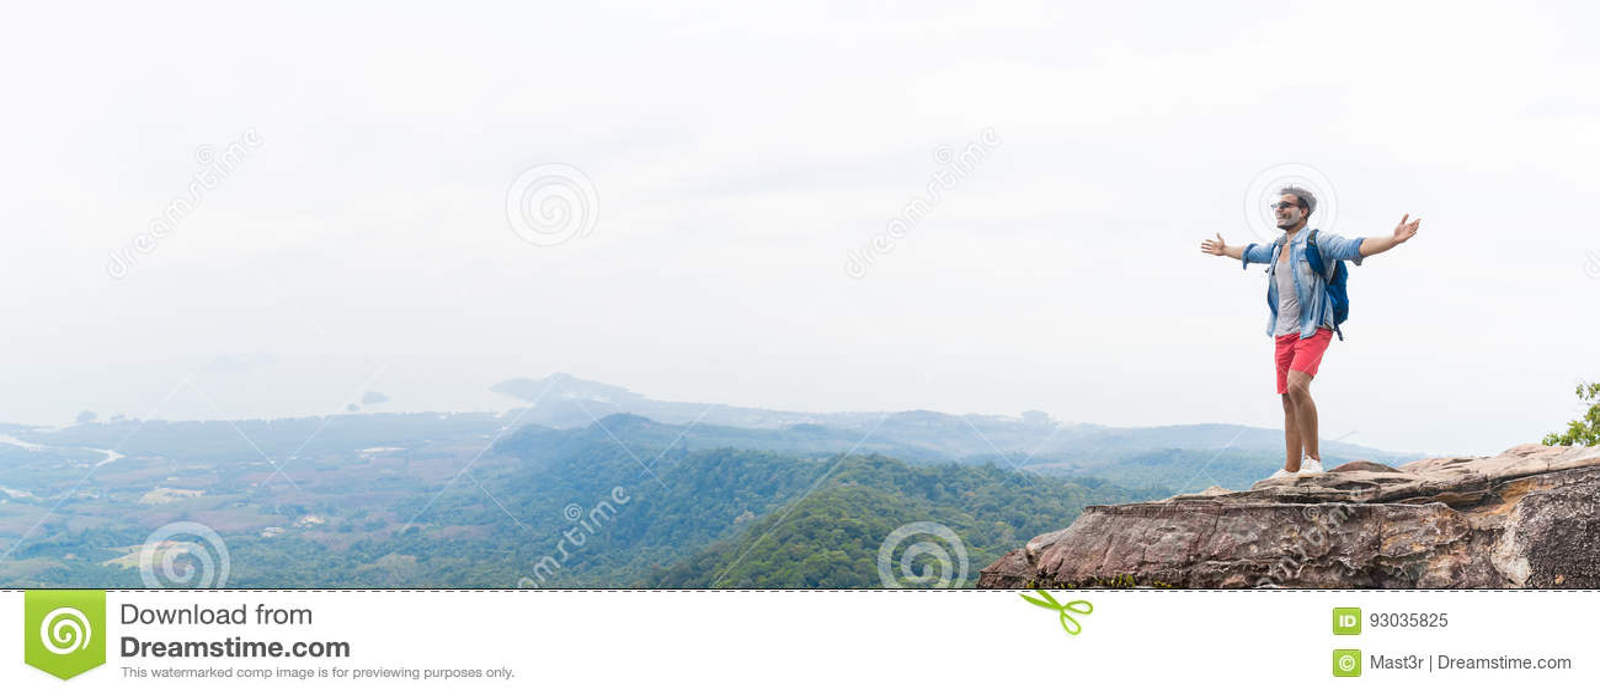 举有背包的山峰的人手享受风景自由概念,年轻人游人